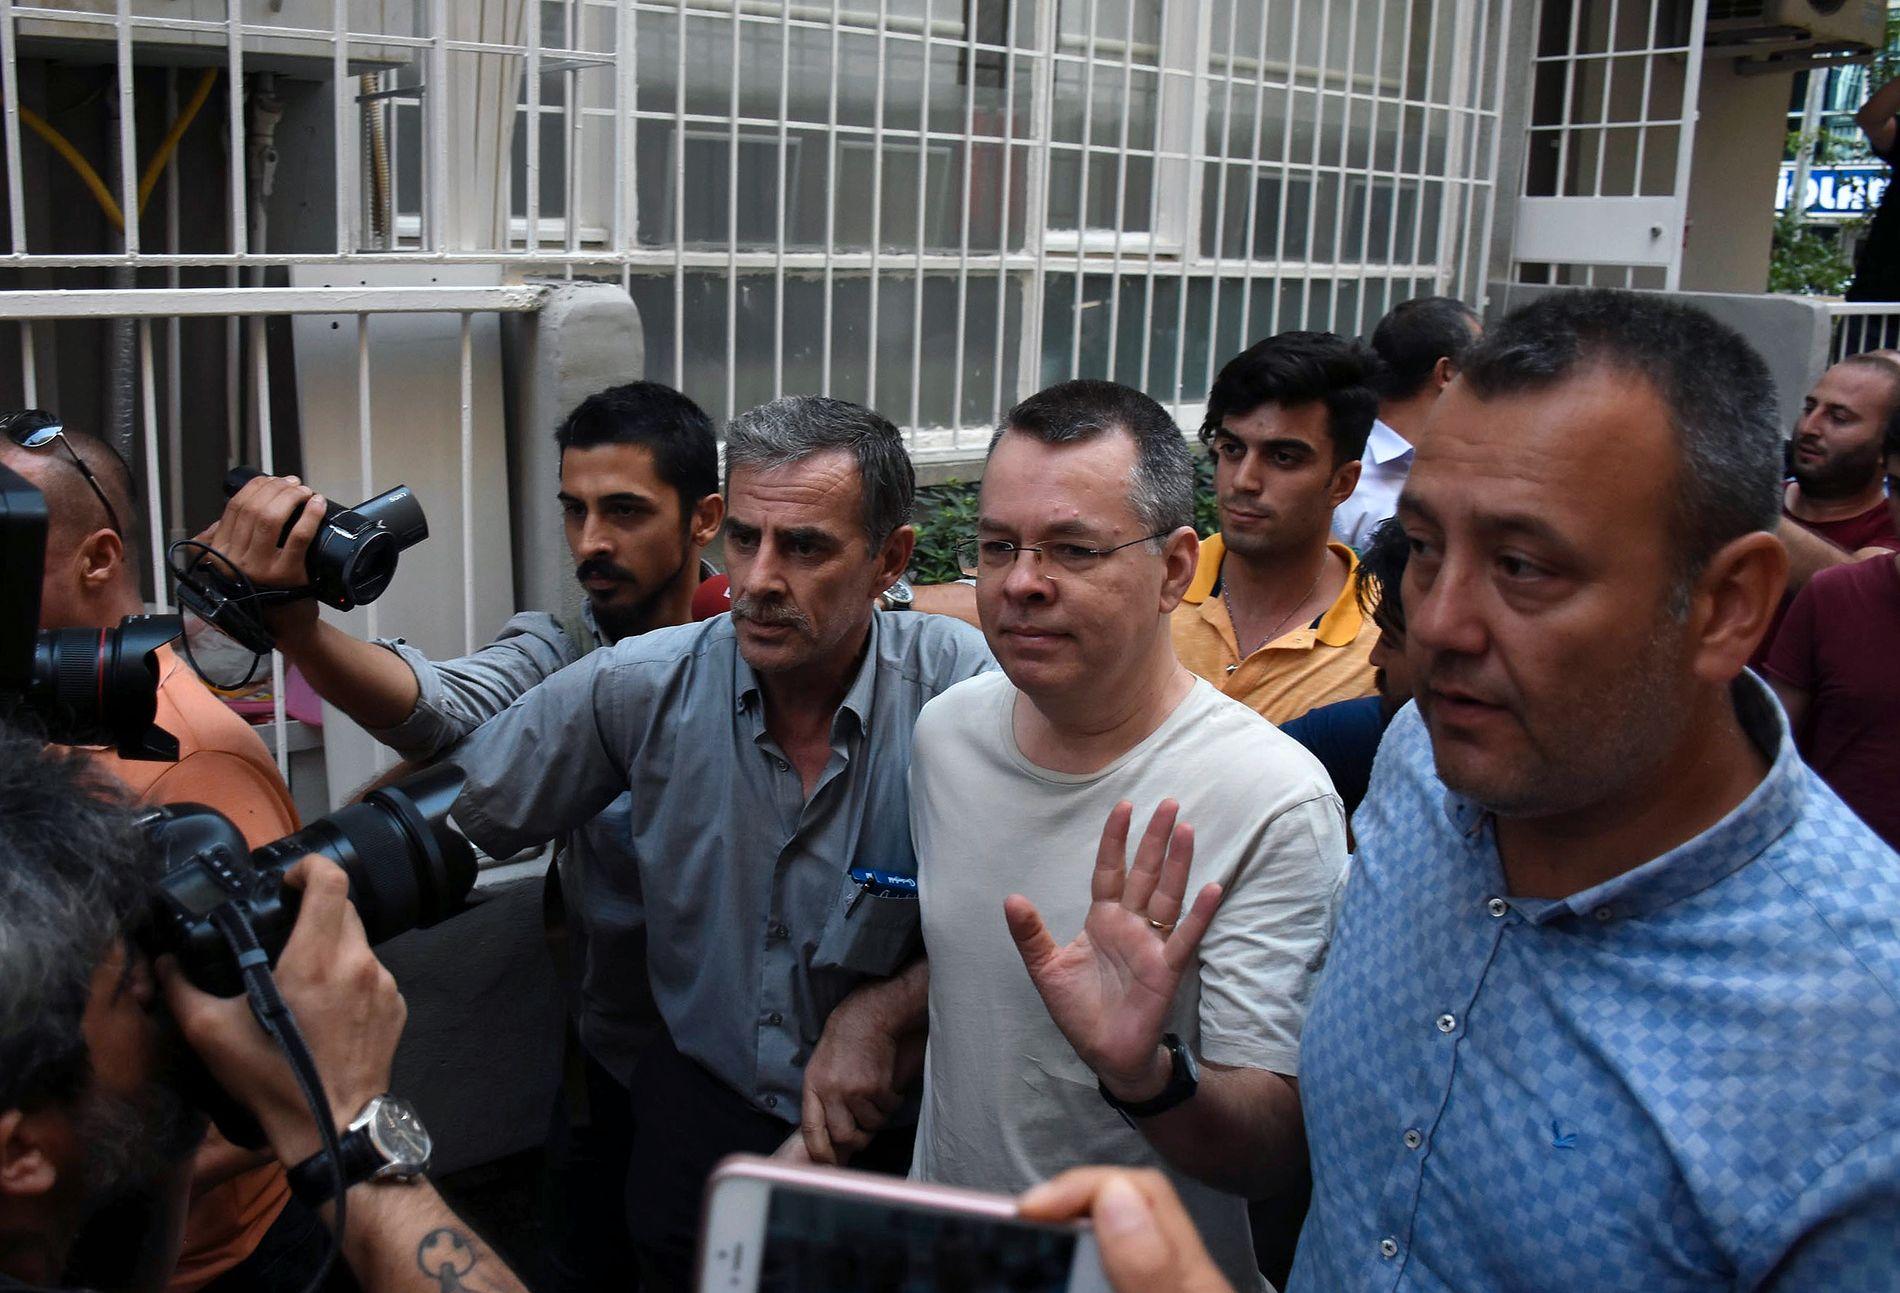 Den amerikanske pastoren Andrew Brunson (midten) ble onsdag flyttet fra fengsel til husarrest på grunn av helseproblemer, ifølge det tyrkiske nyhetsbyrået Anadolu.